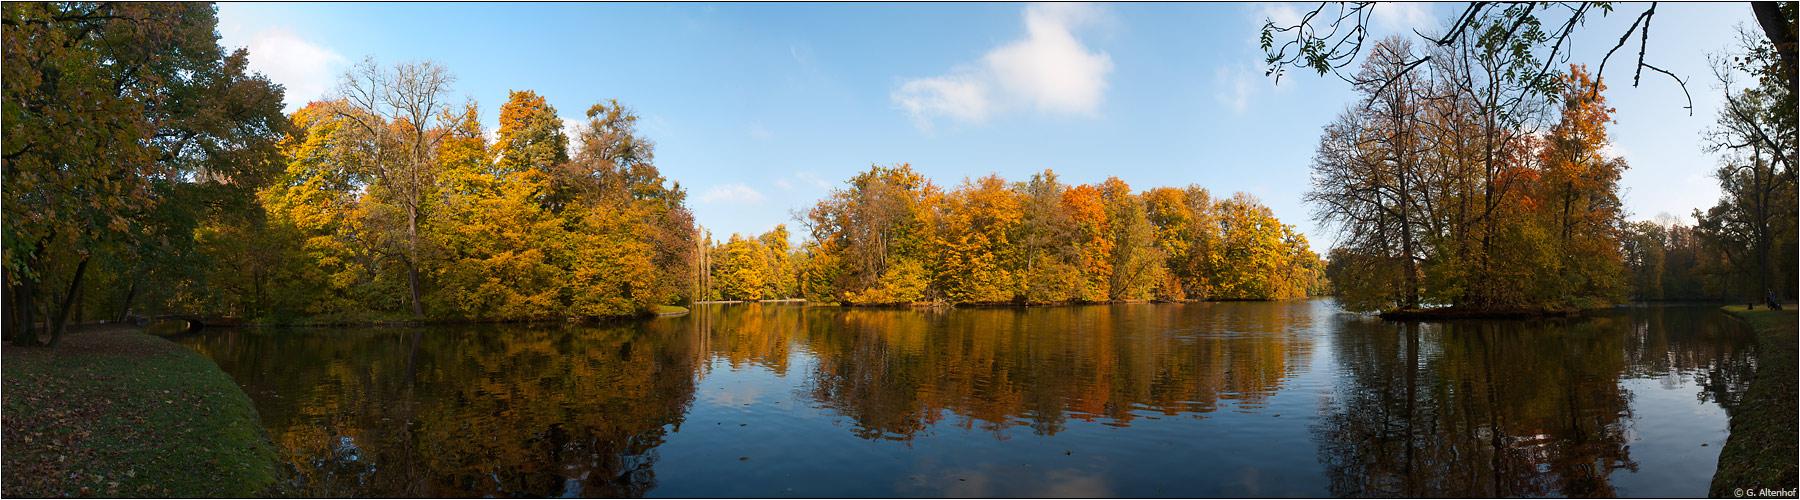 Herbst am Badenburger See